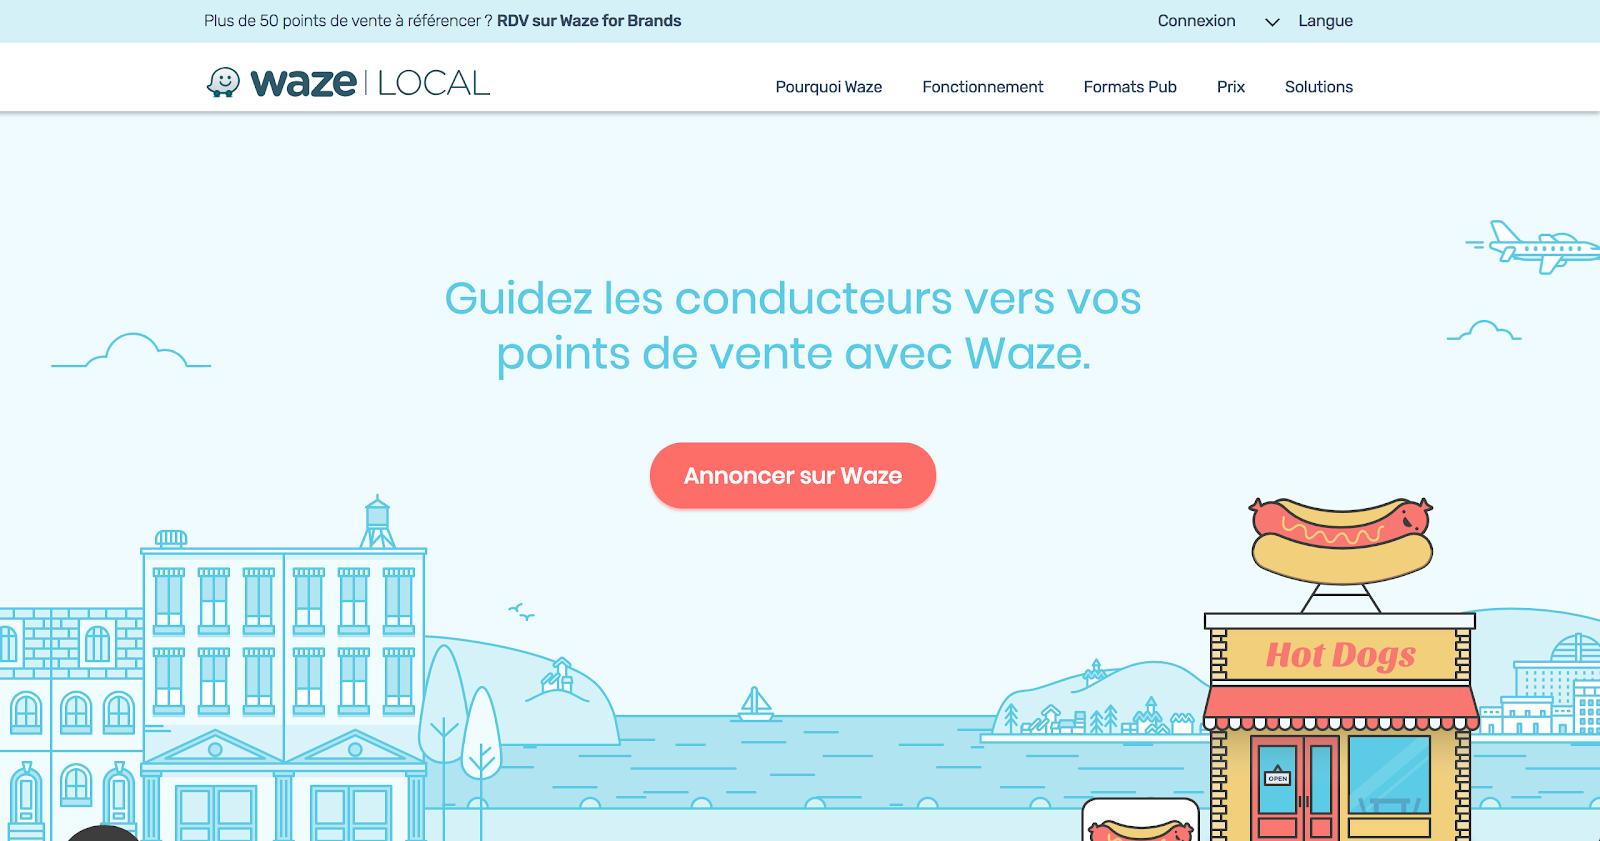 Waze fonctionne sur un modèle gratuit pour les utilisateurs